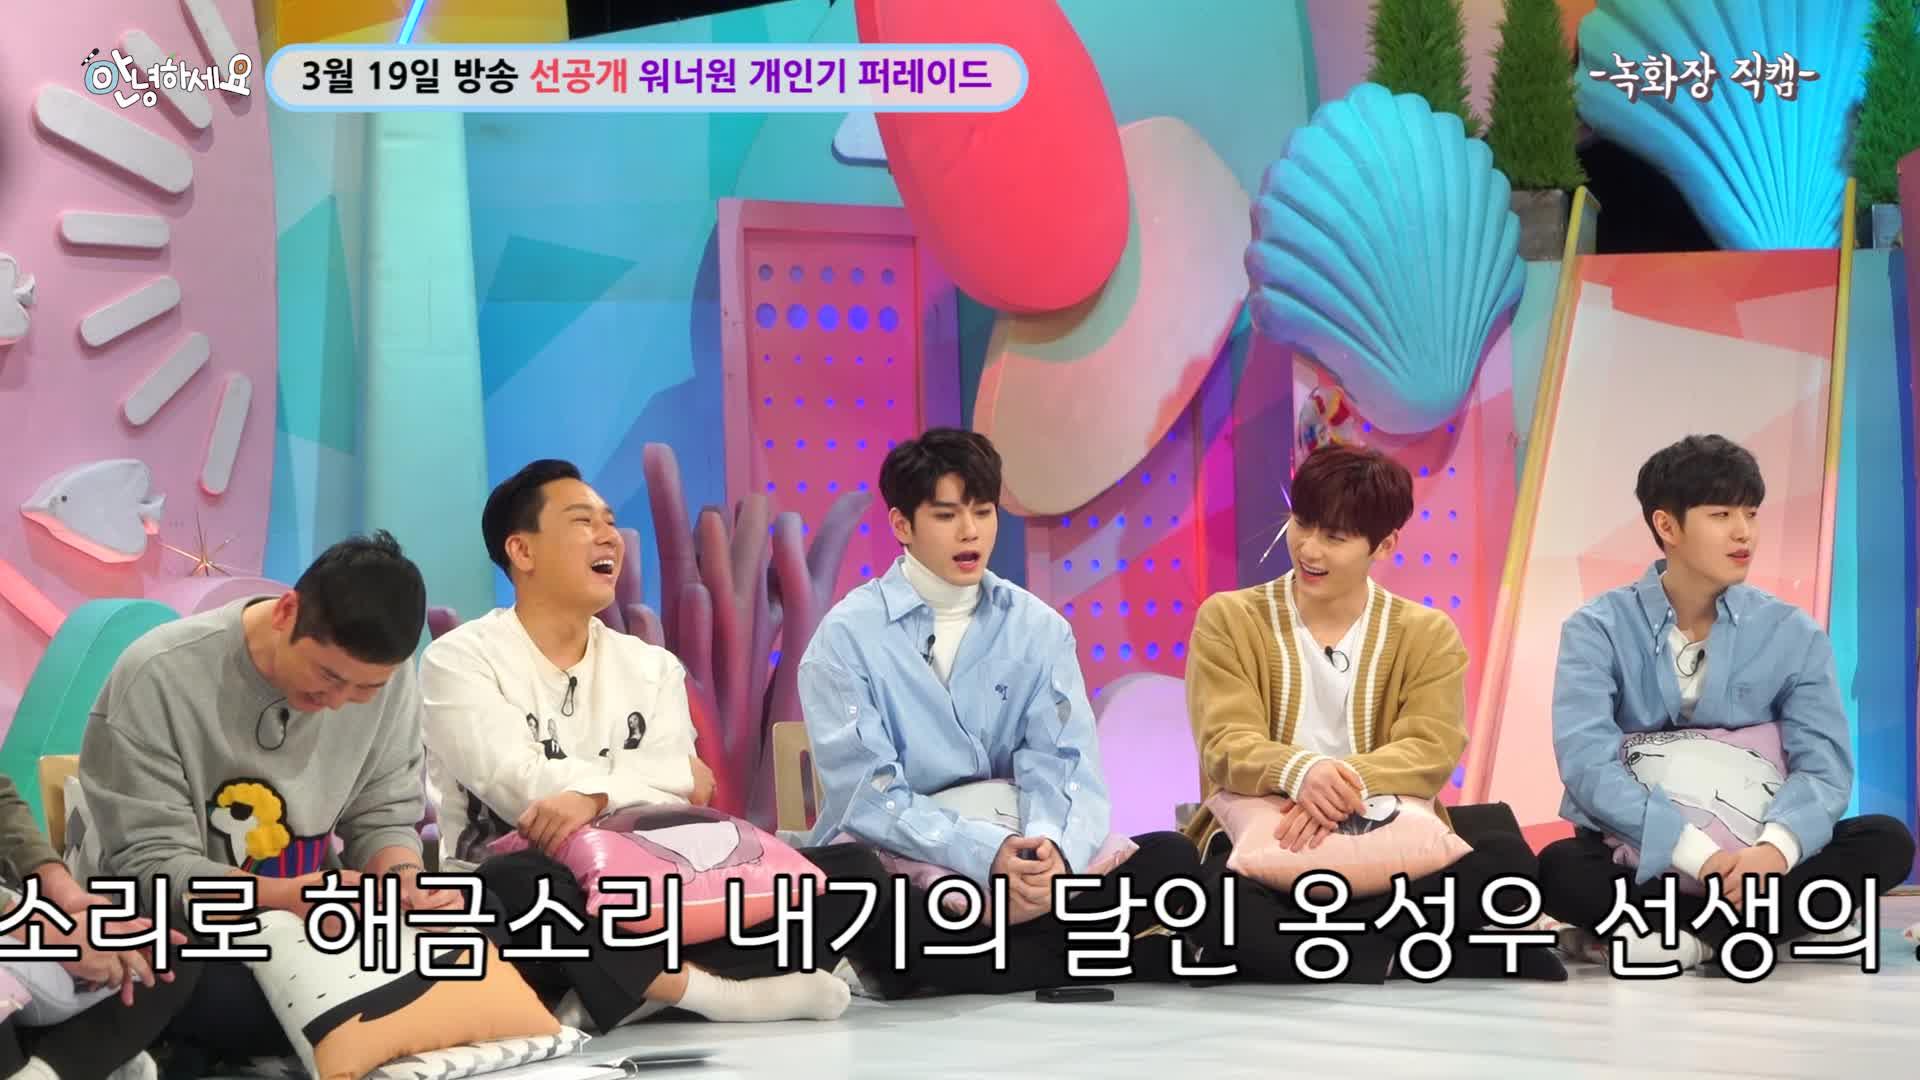 [안녕하세요] 본 방송 선공개! 재환이 세레나데, 옹성우 선생의 해금소리 / Hello counselor PreReleased - Wanna one.. talent show?